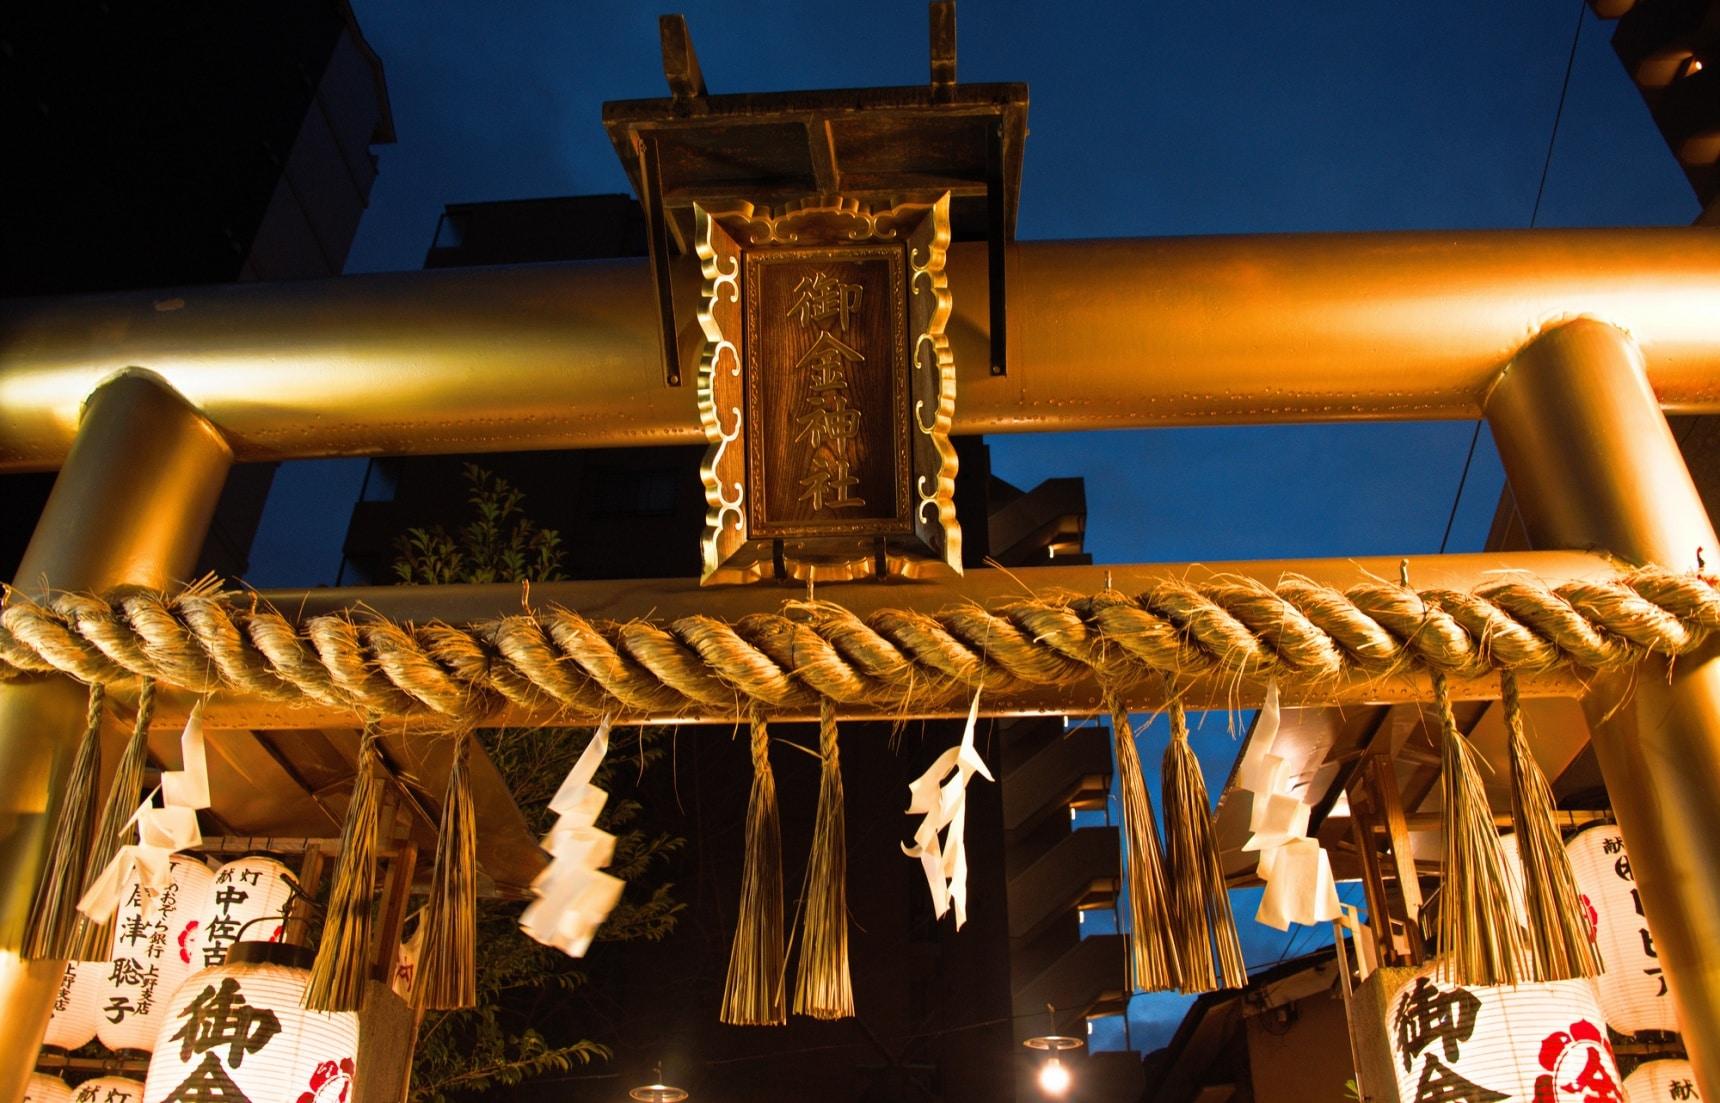 5 วัดญี่ปุ่นที่ศักดิ์สิทธิ์สุดๆเรื่องเงินๆทองๆ